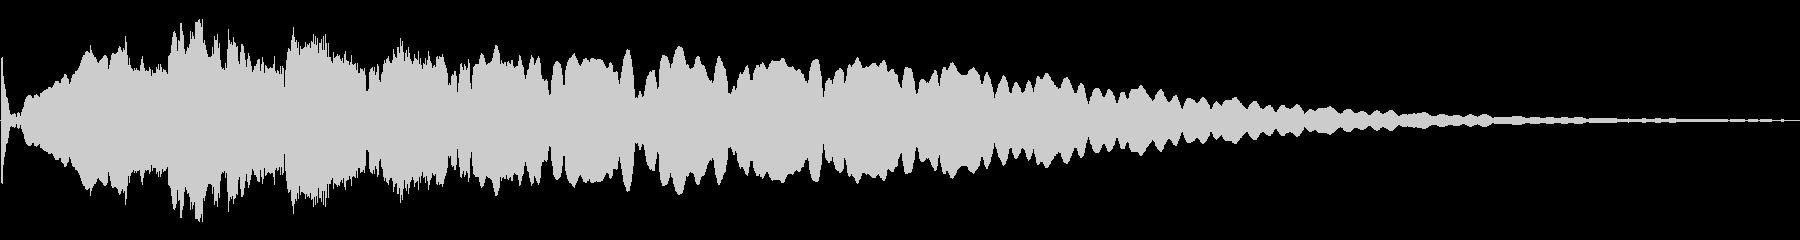 キュイーン。ほんの少しだけ長め、余韻ありの未再生の波形